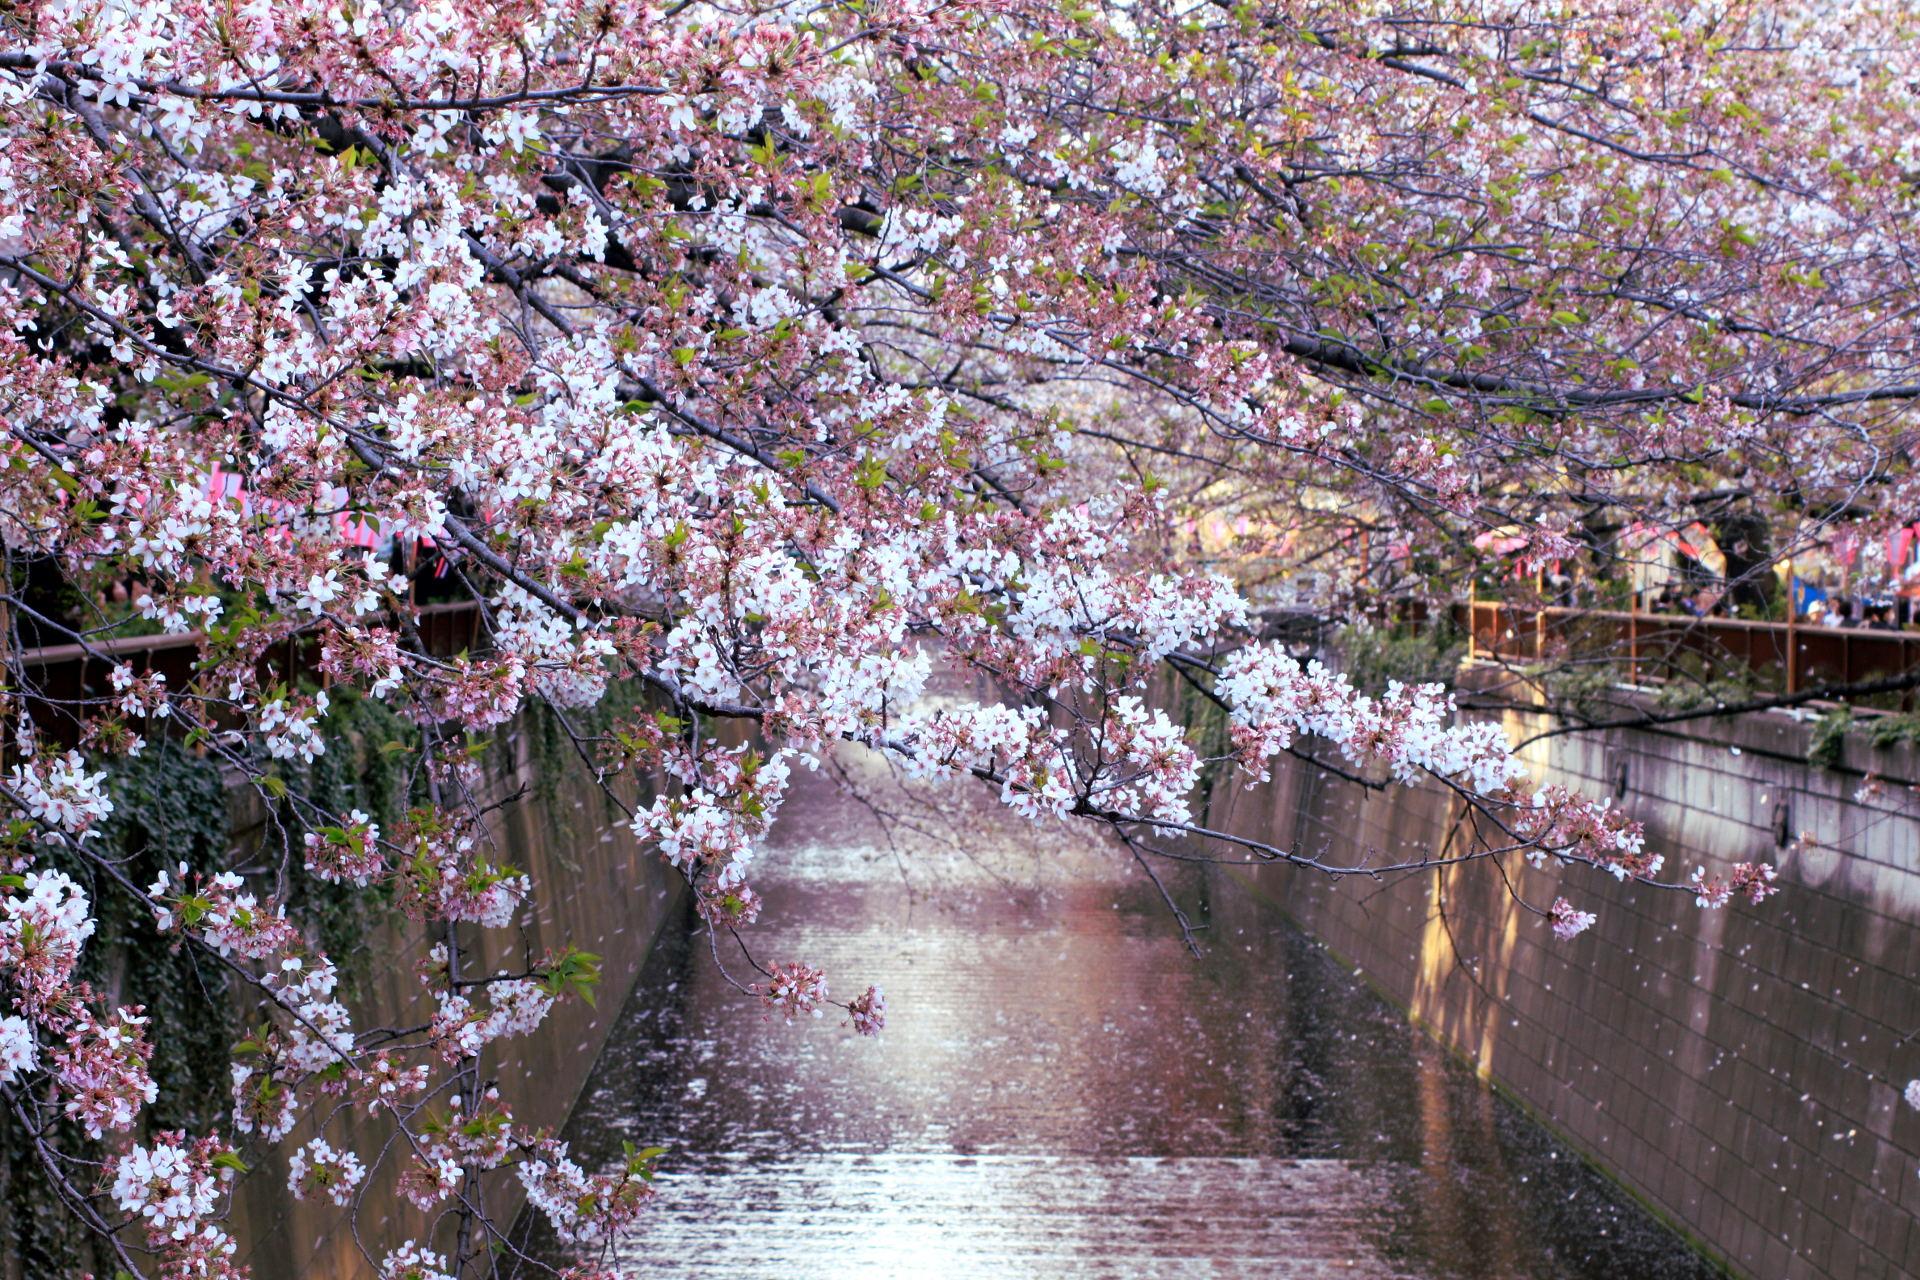 tokio japonia tokyo japan rzeka kwitnacawisnia kwiaty cherryblossom hanami sakura springinjapan wiosna iglawpodrozy